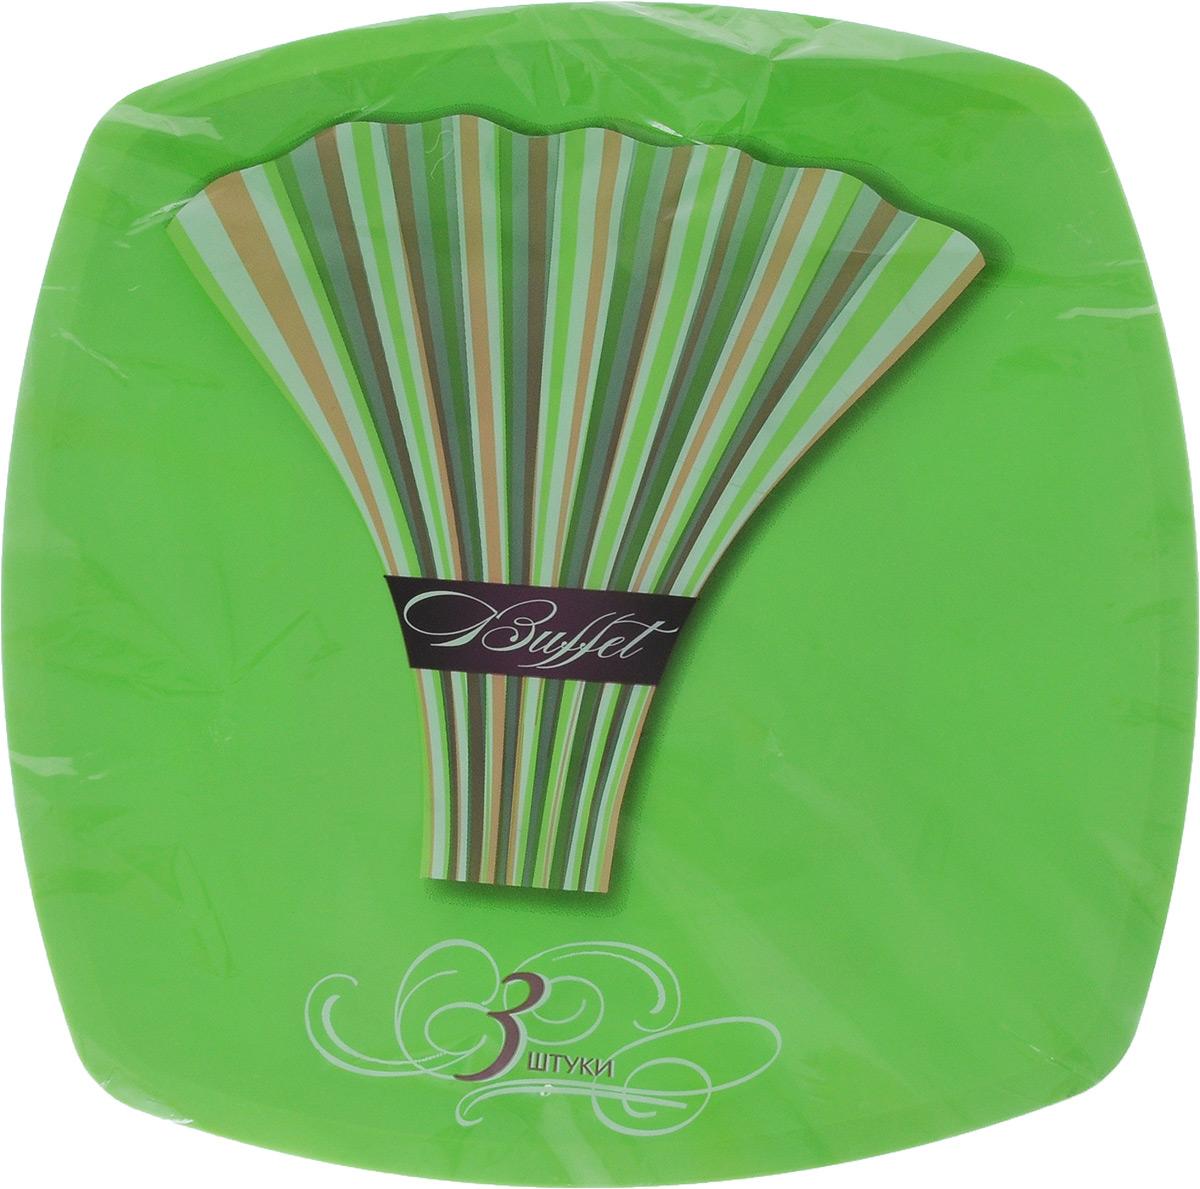 Набор одноразовых тарелок Buffet, цвет: зеленый, 30 х 30 см, 3 шт183207/_зеленыйНабор Buffet состоит из трех тарелок. Изделия, изготовленные из высококачественной полипропилена, сочетают в себе изысканный дизайн с максимальной функциональностью. Тарелки предназначены для холодных и горячих (до +70°С) продуктов. Такие тарелки незаменимы в поездках на природу и на пикниках. Размер тарелки: 30 х 30 см. Высота стенки: 1 см.